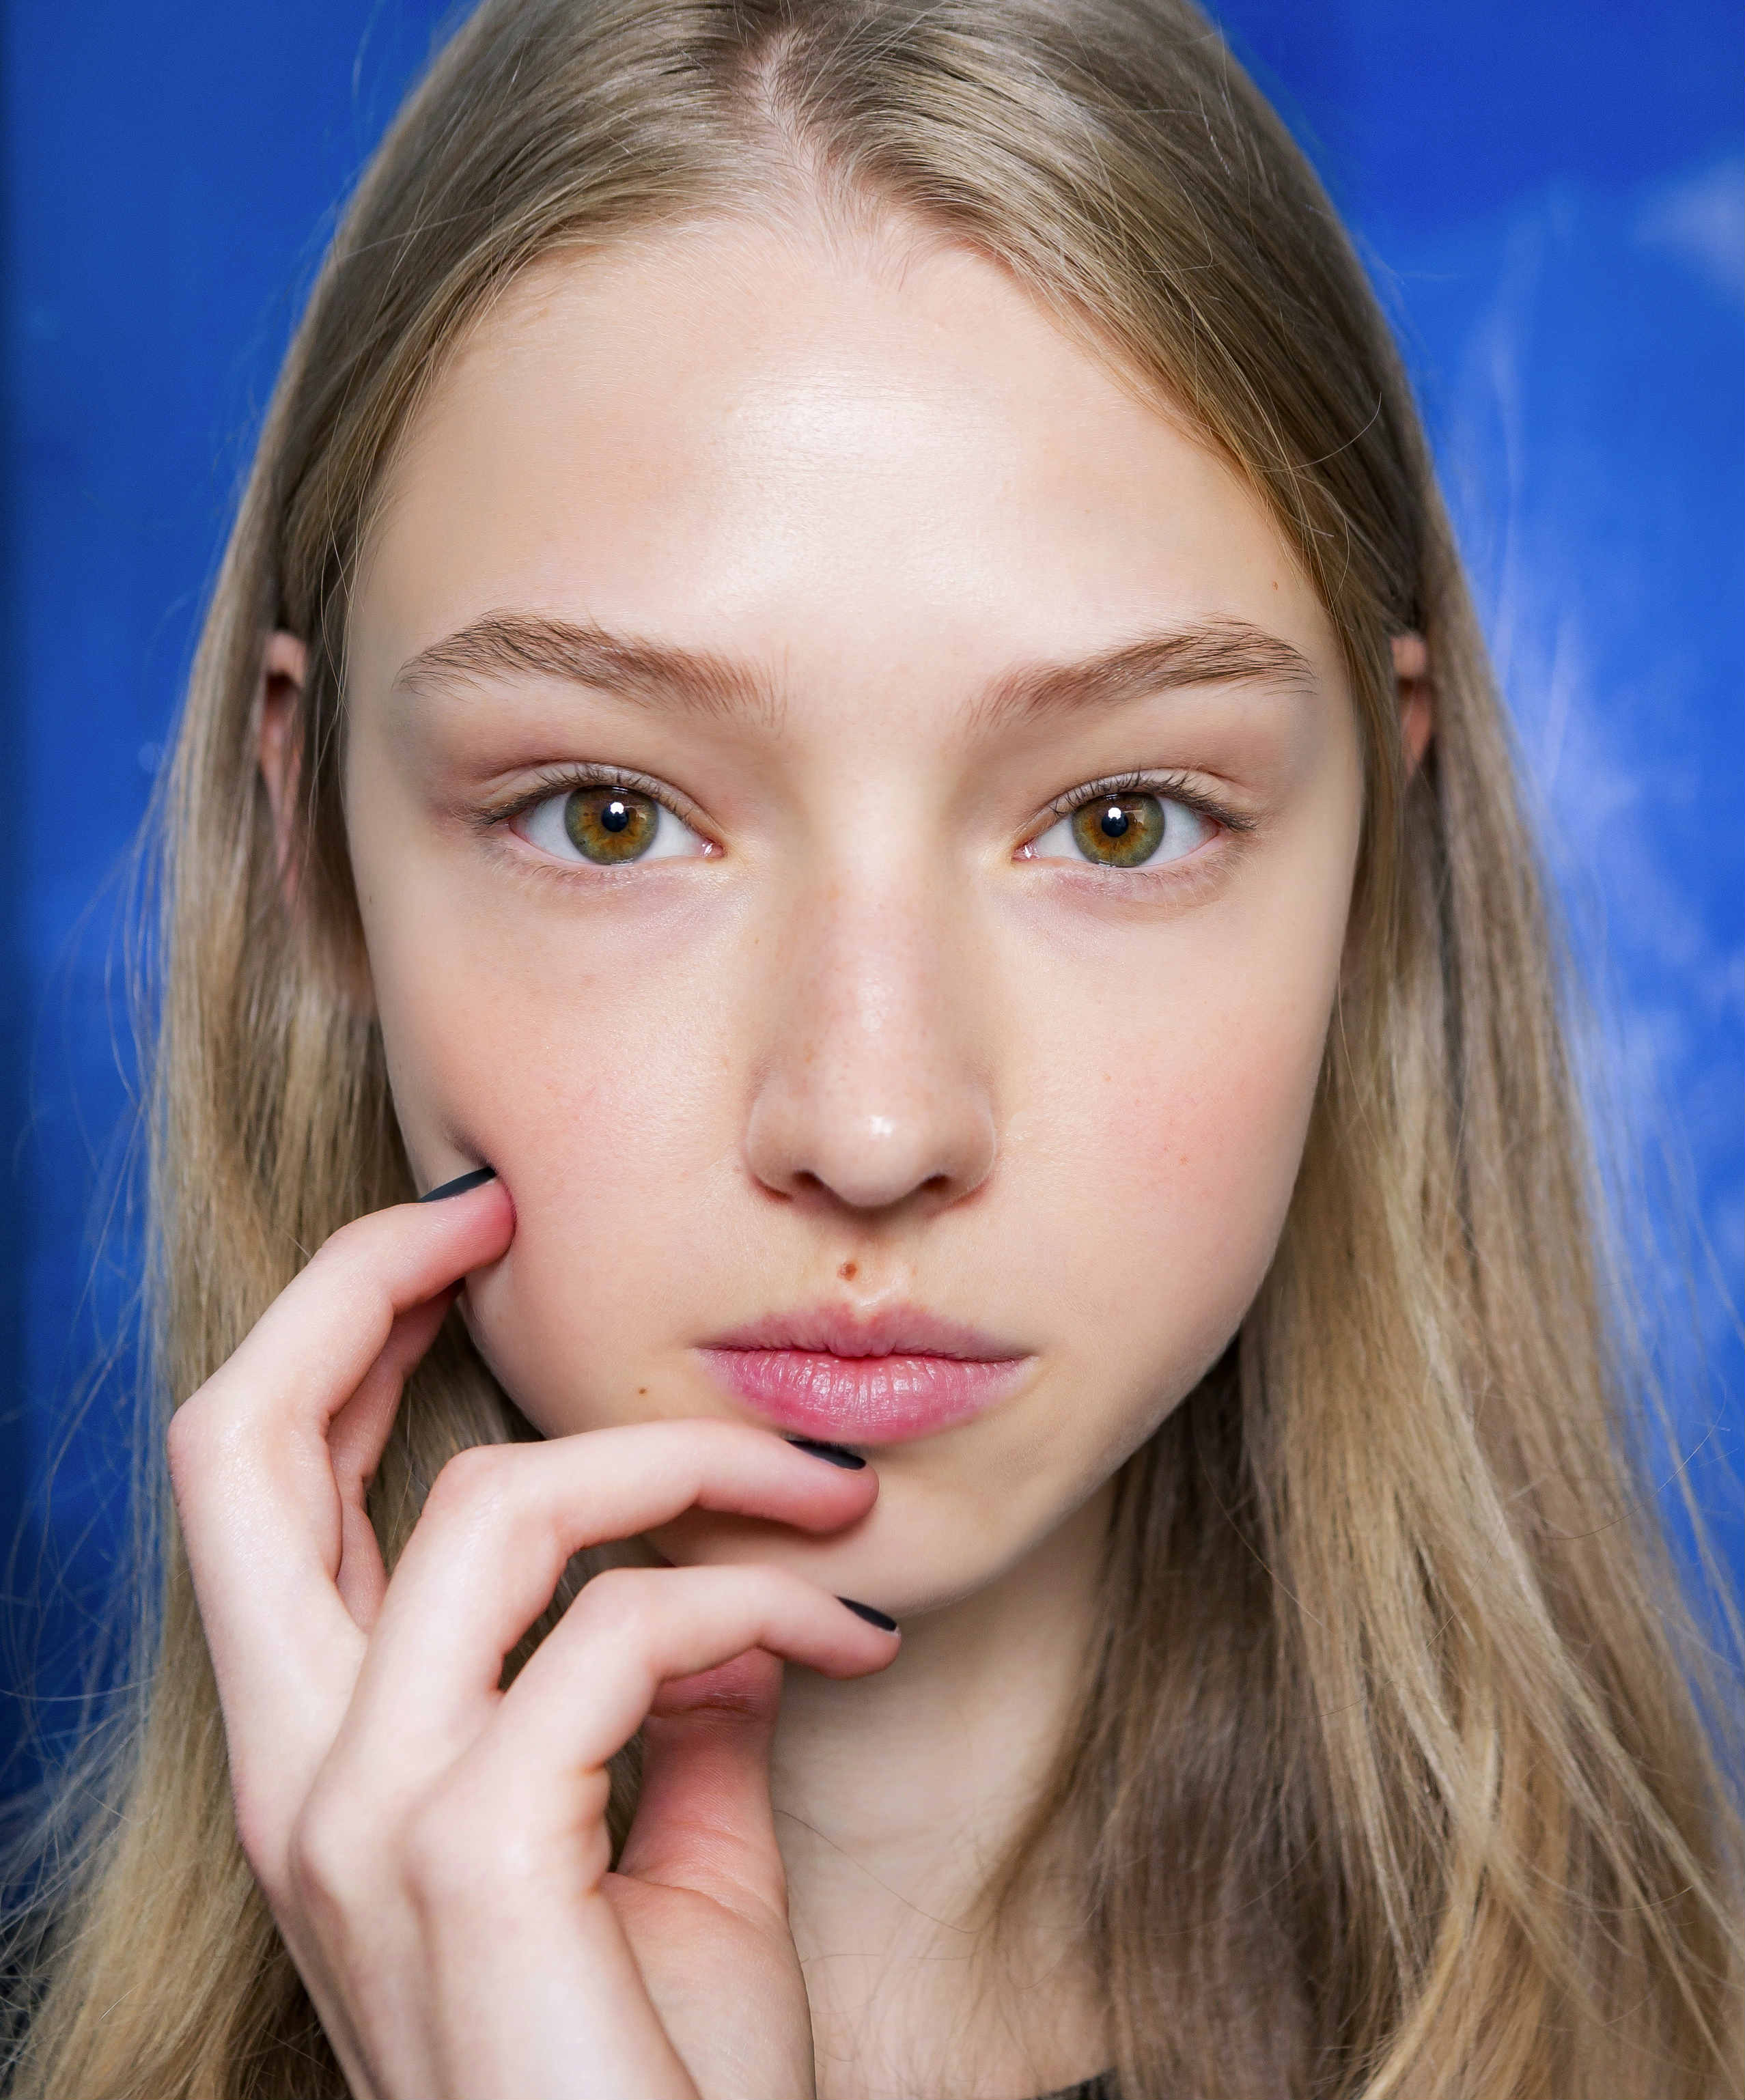 Как сделать макияж для блондинке зеленых глаз фото